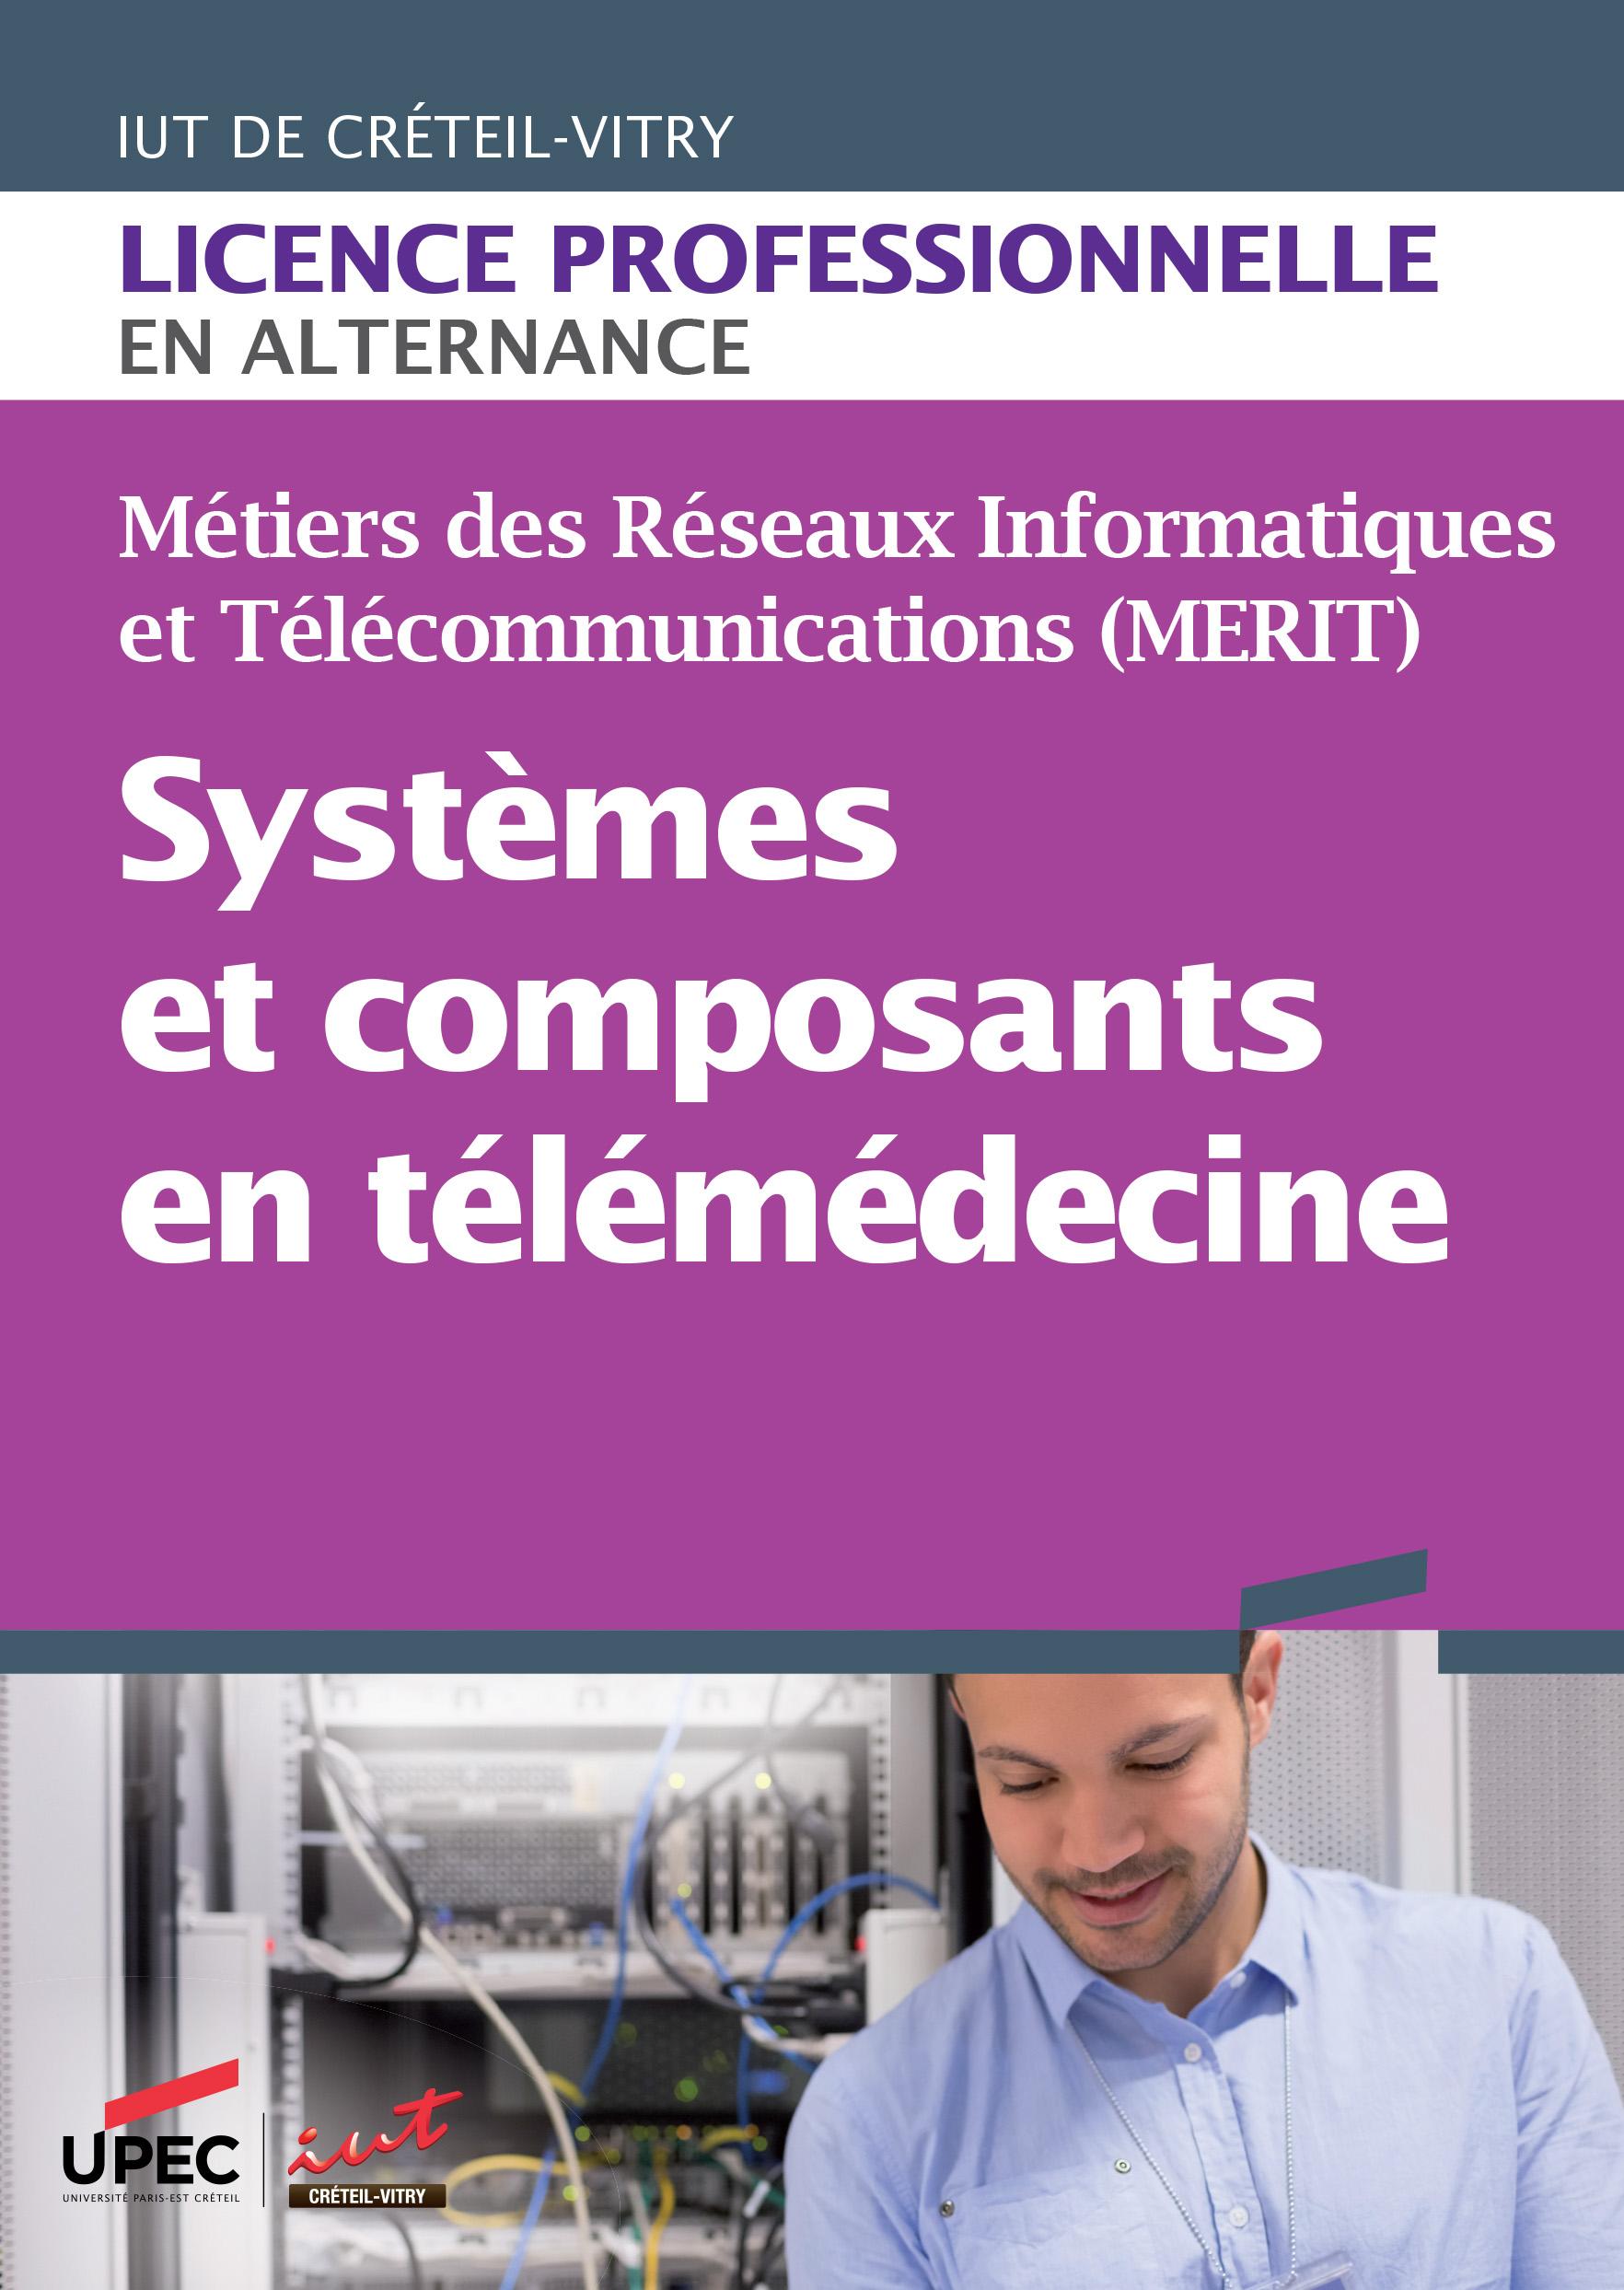 Plaquette licence professionnelle Systèmes et composants en télémédecine